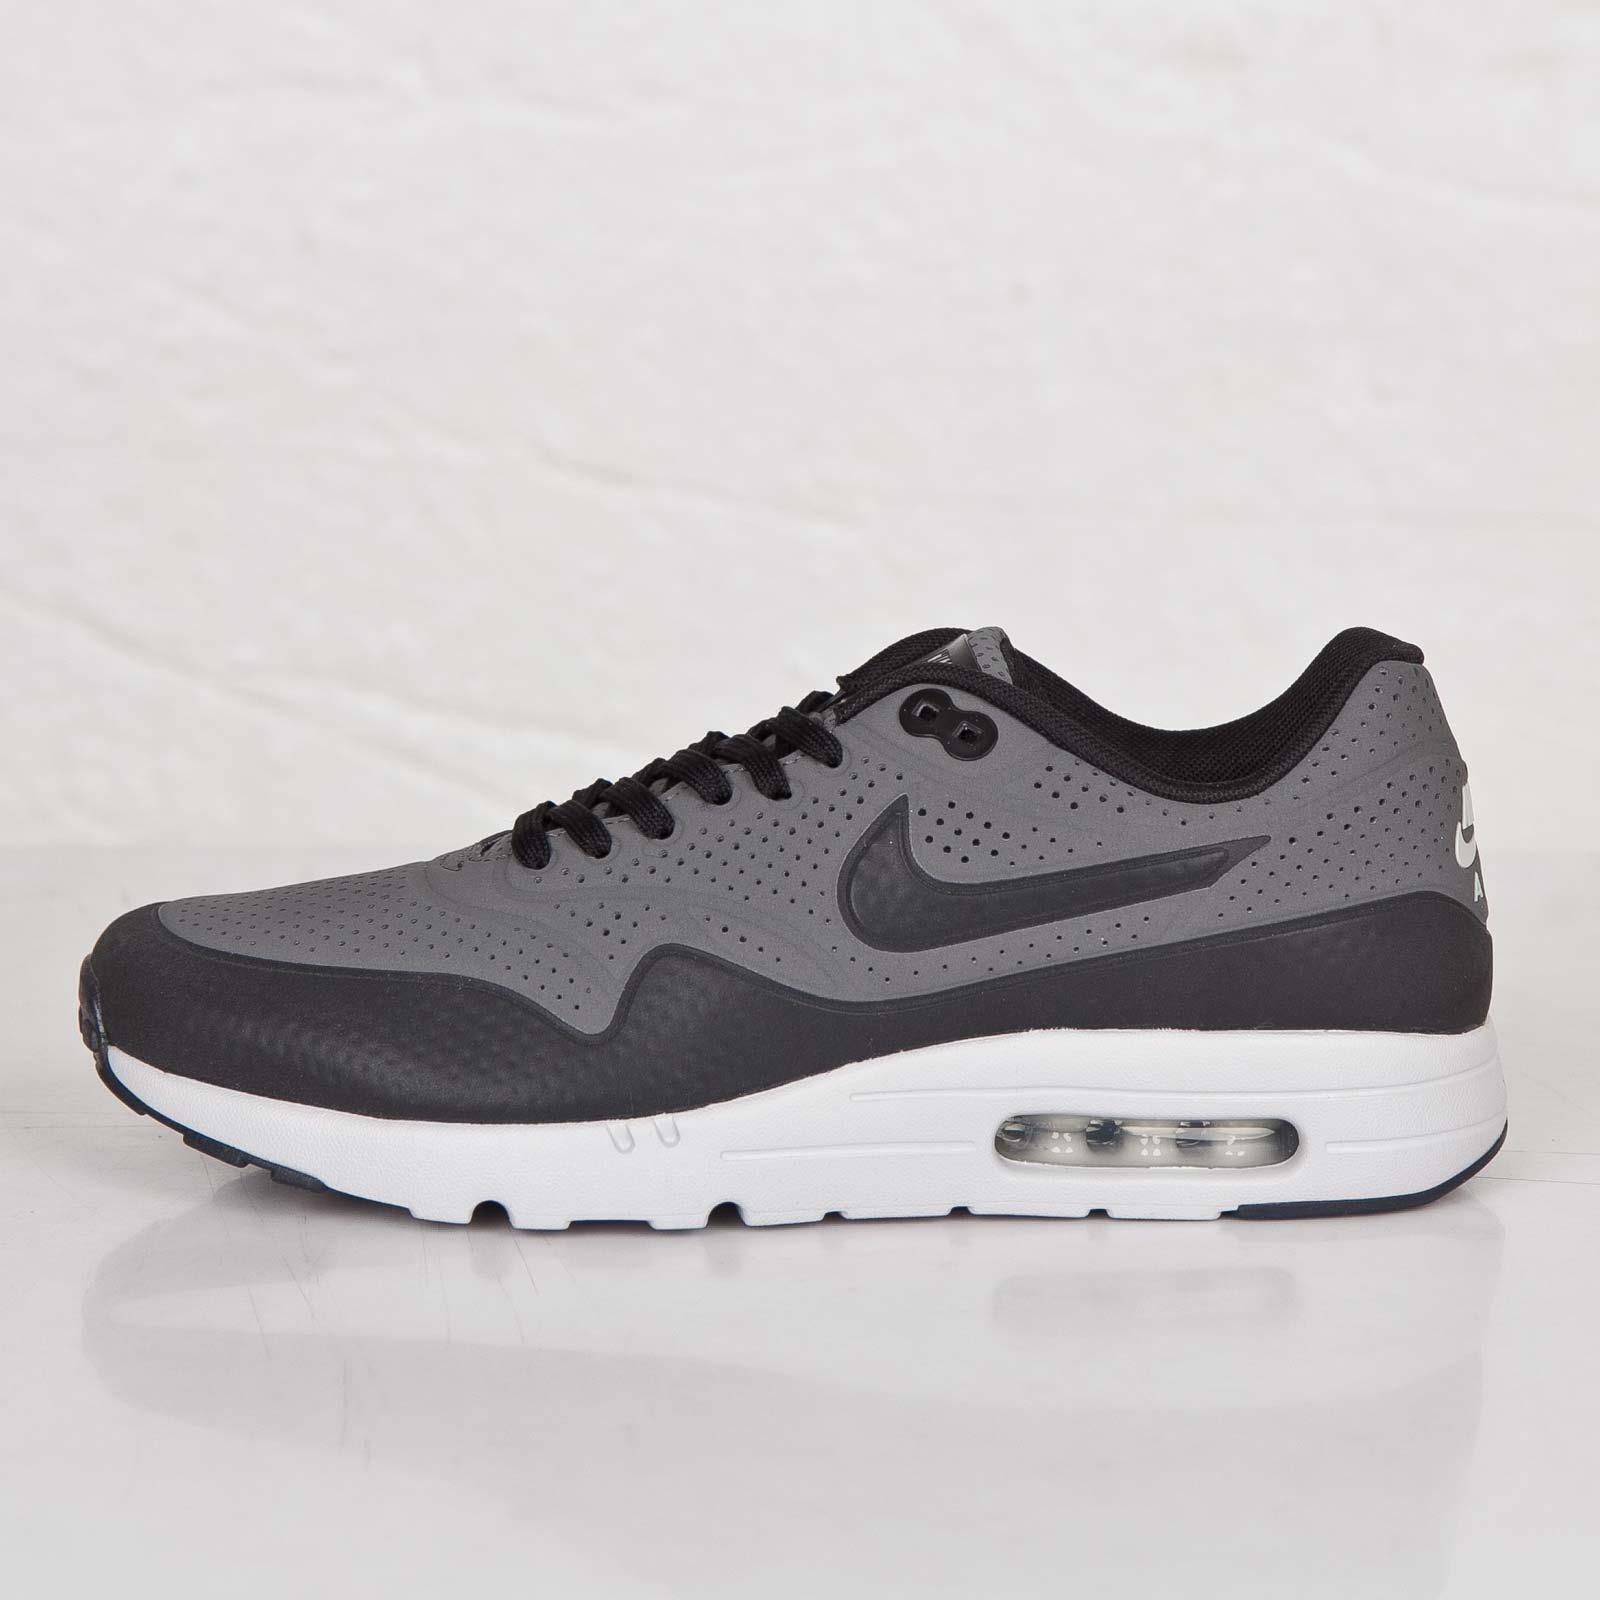 de7ee1306d Nike Air Max 1 Ultra Moire - 705297-003 - Sneakersnstuff | sneakers &  streetwear online since 1999